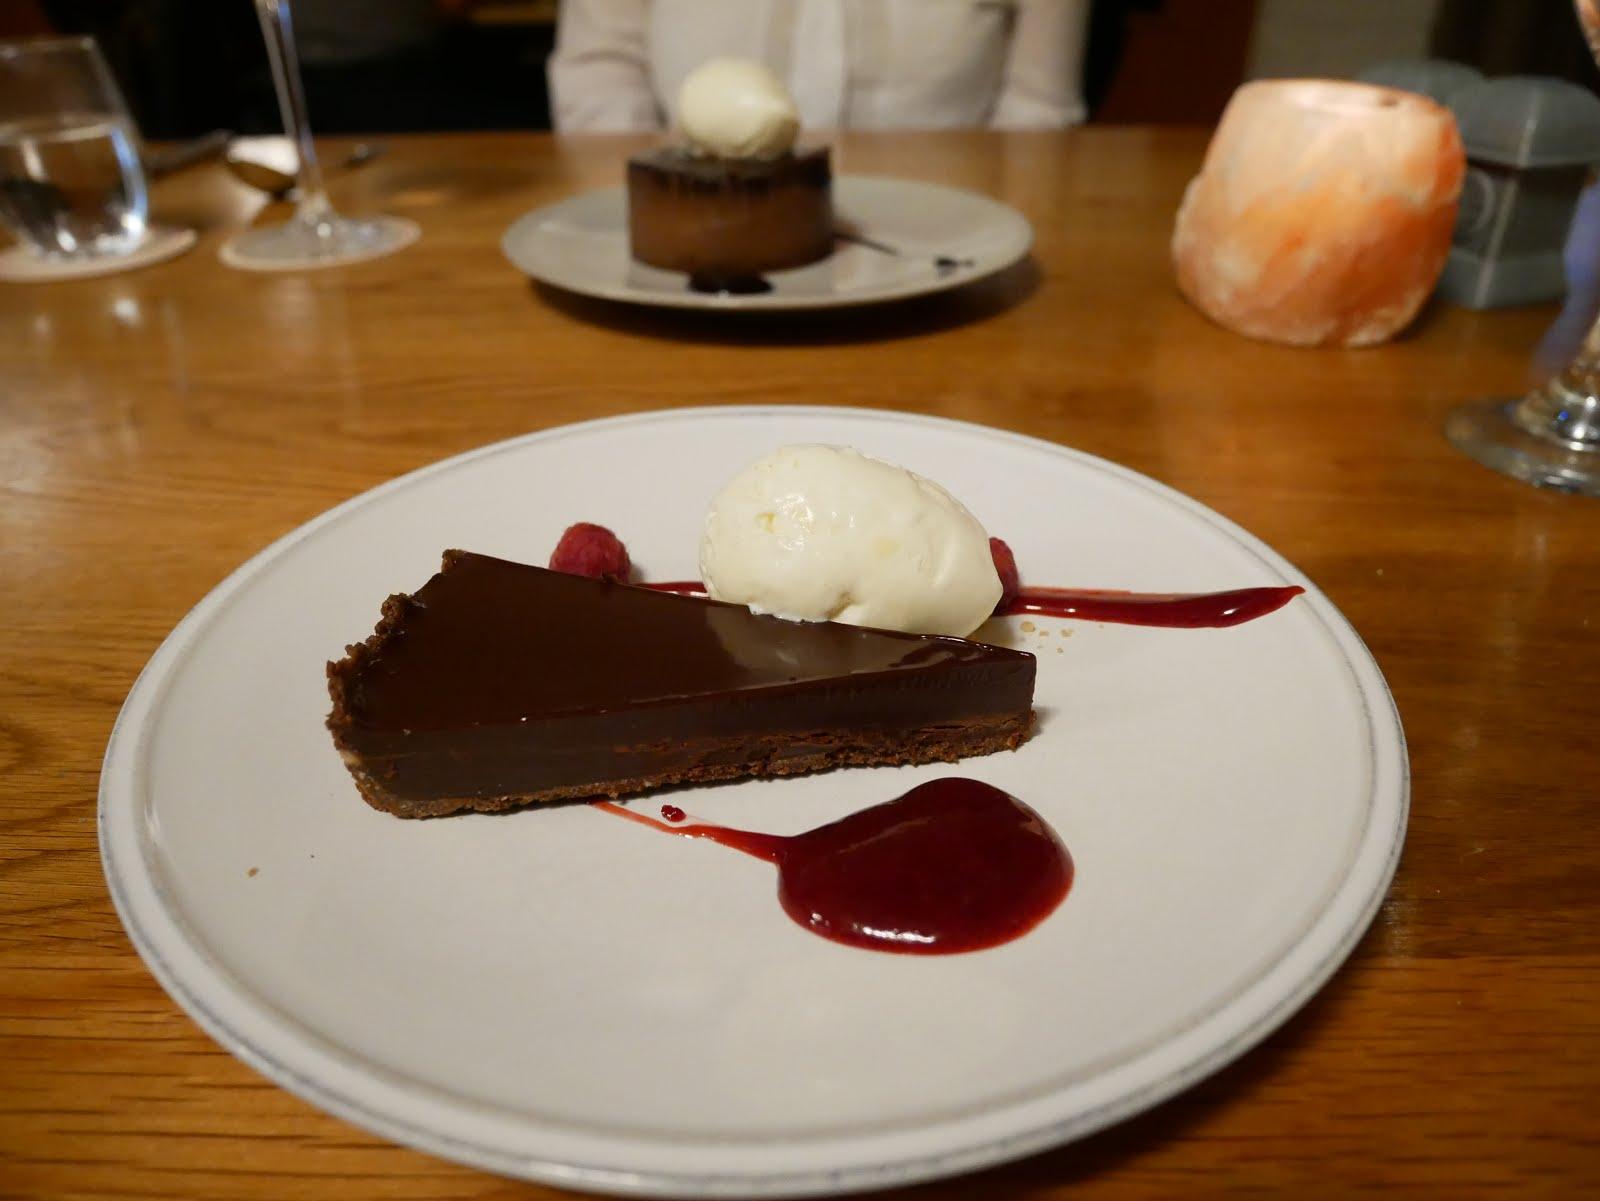 St Mary's Inn chocolate tart